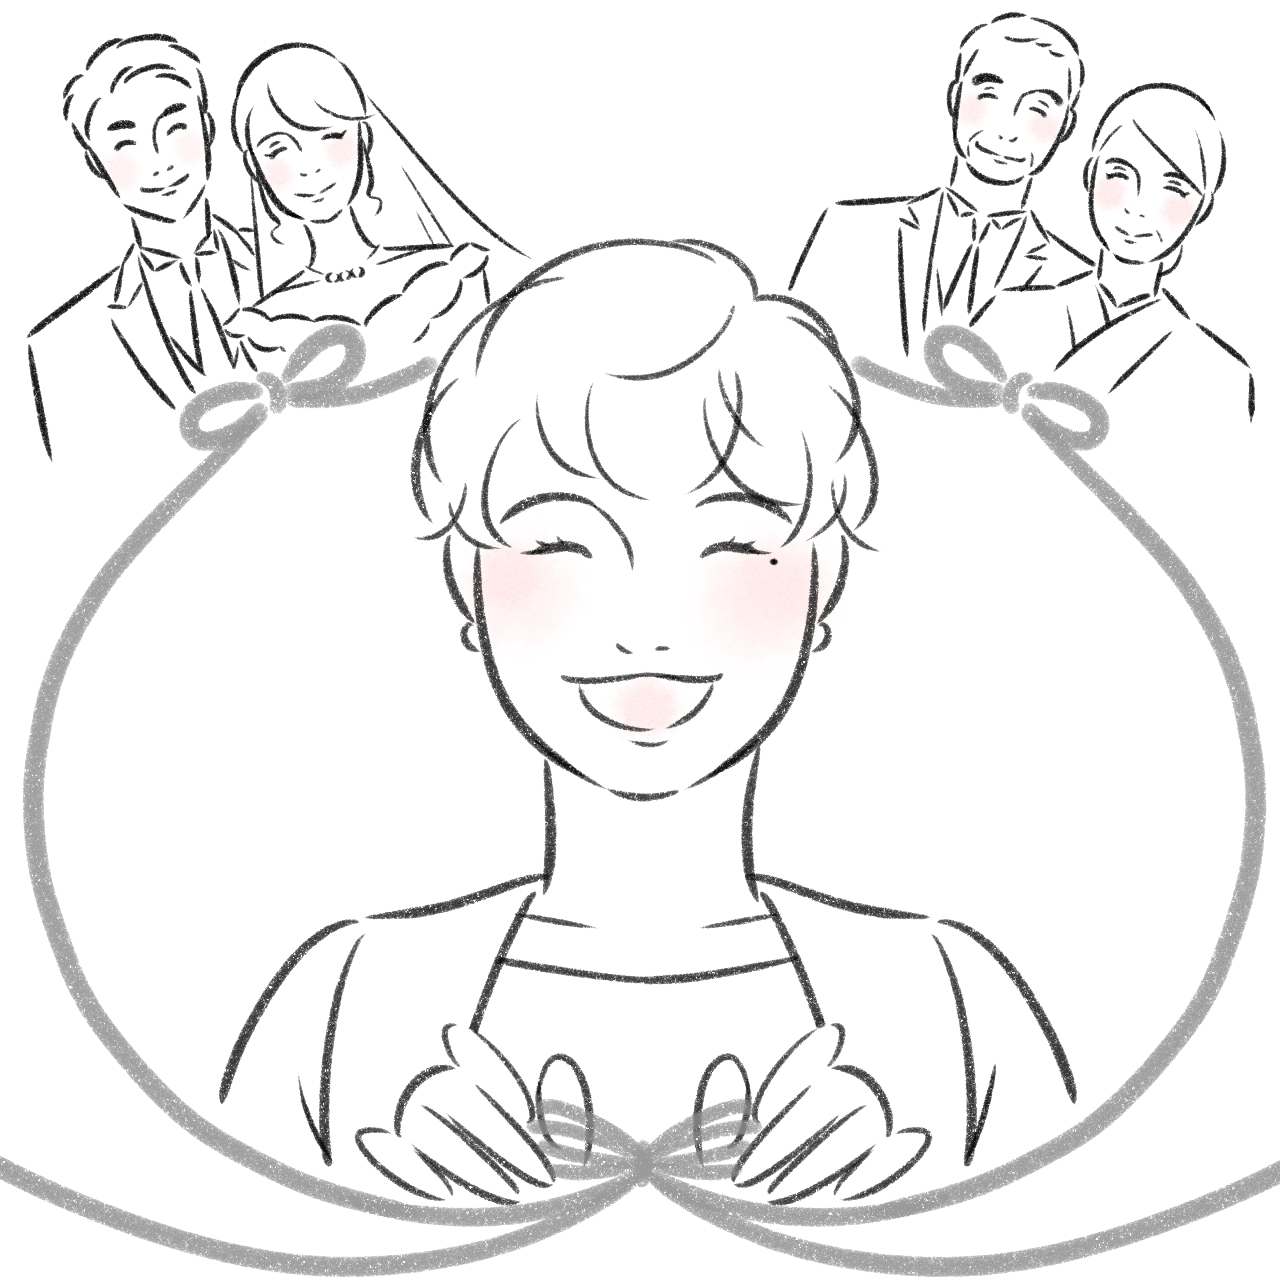 アトムストーリー伊良部 こまきの仕事に対する想いイラスト